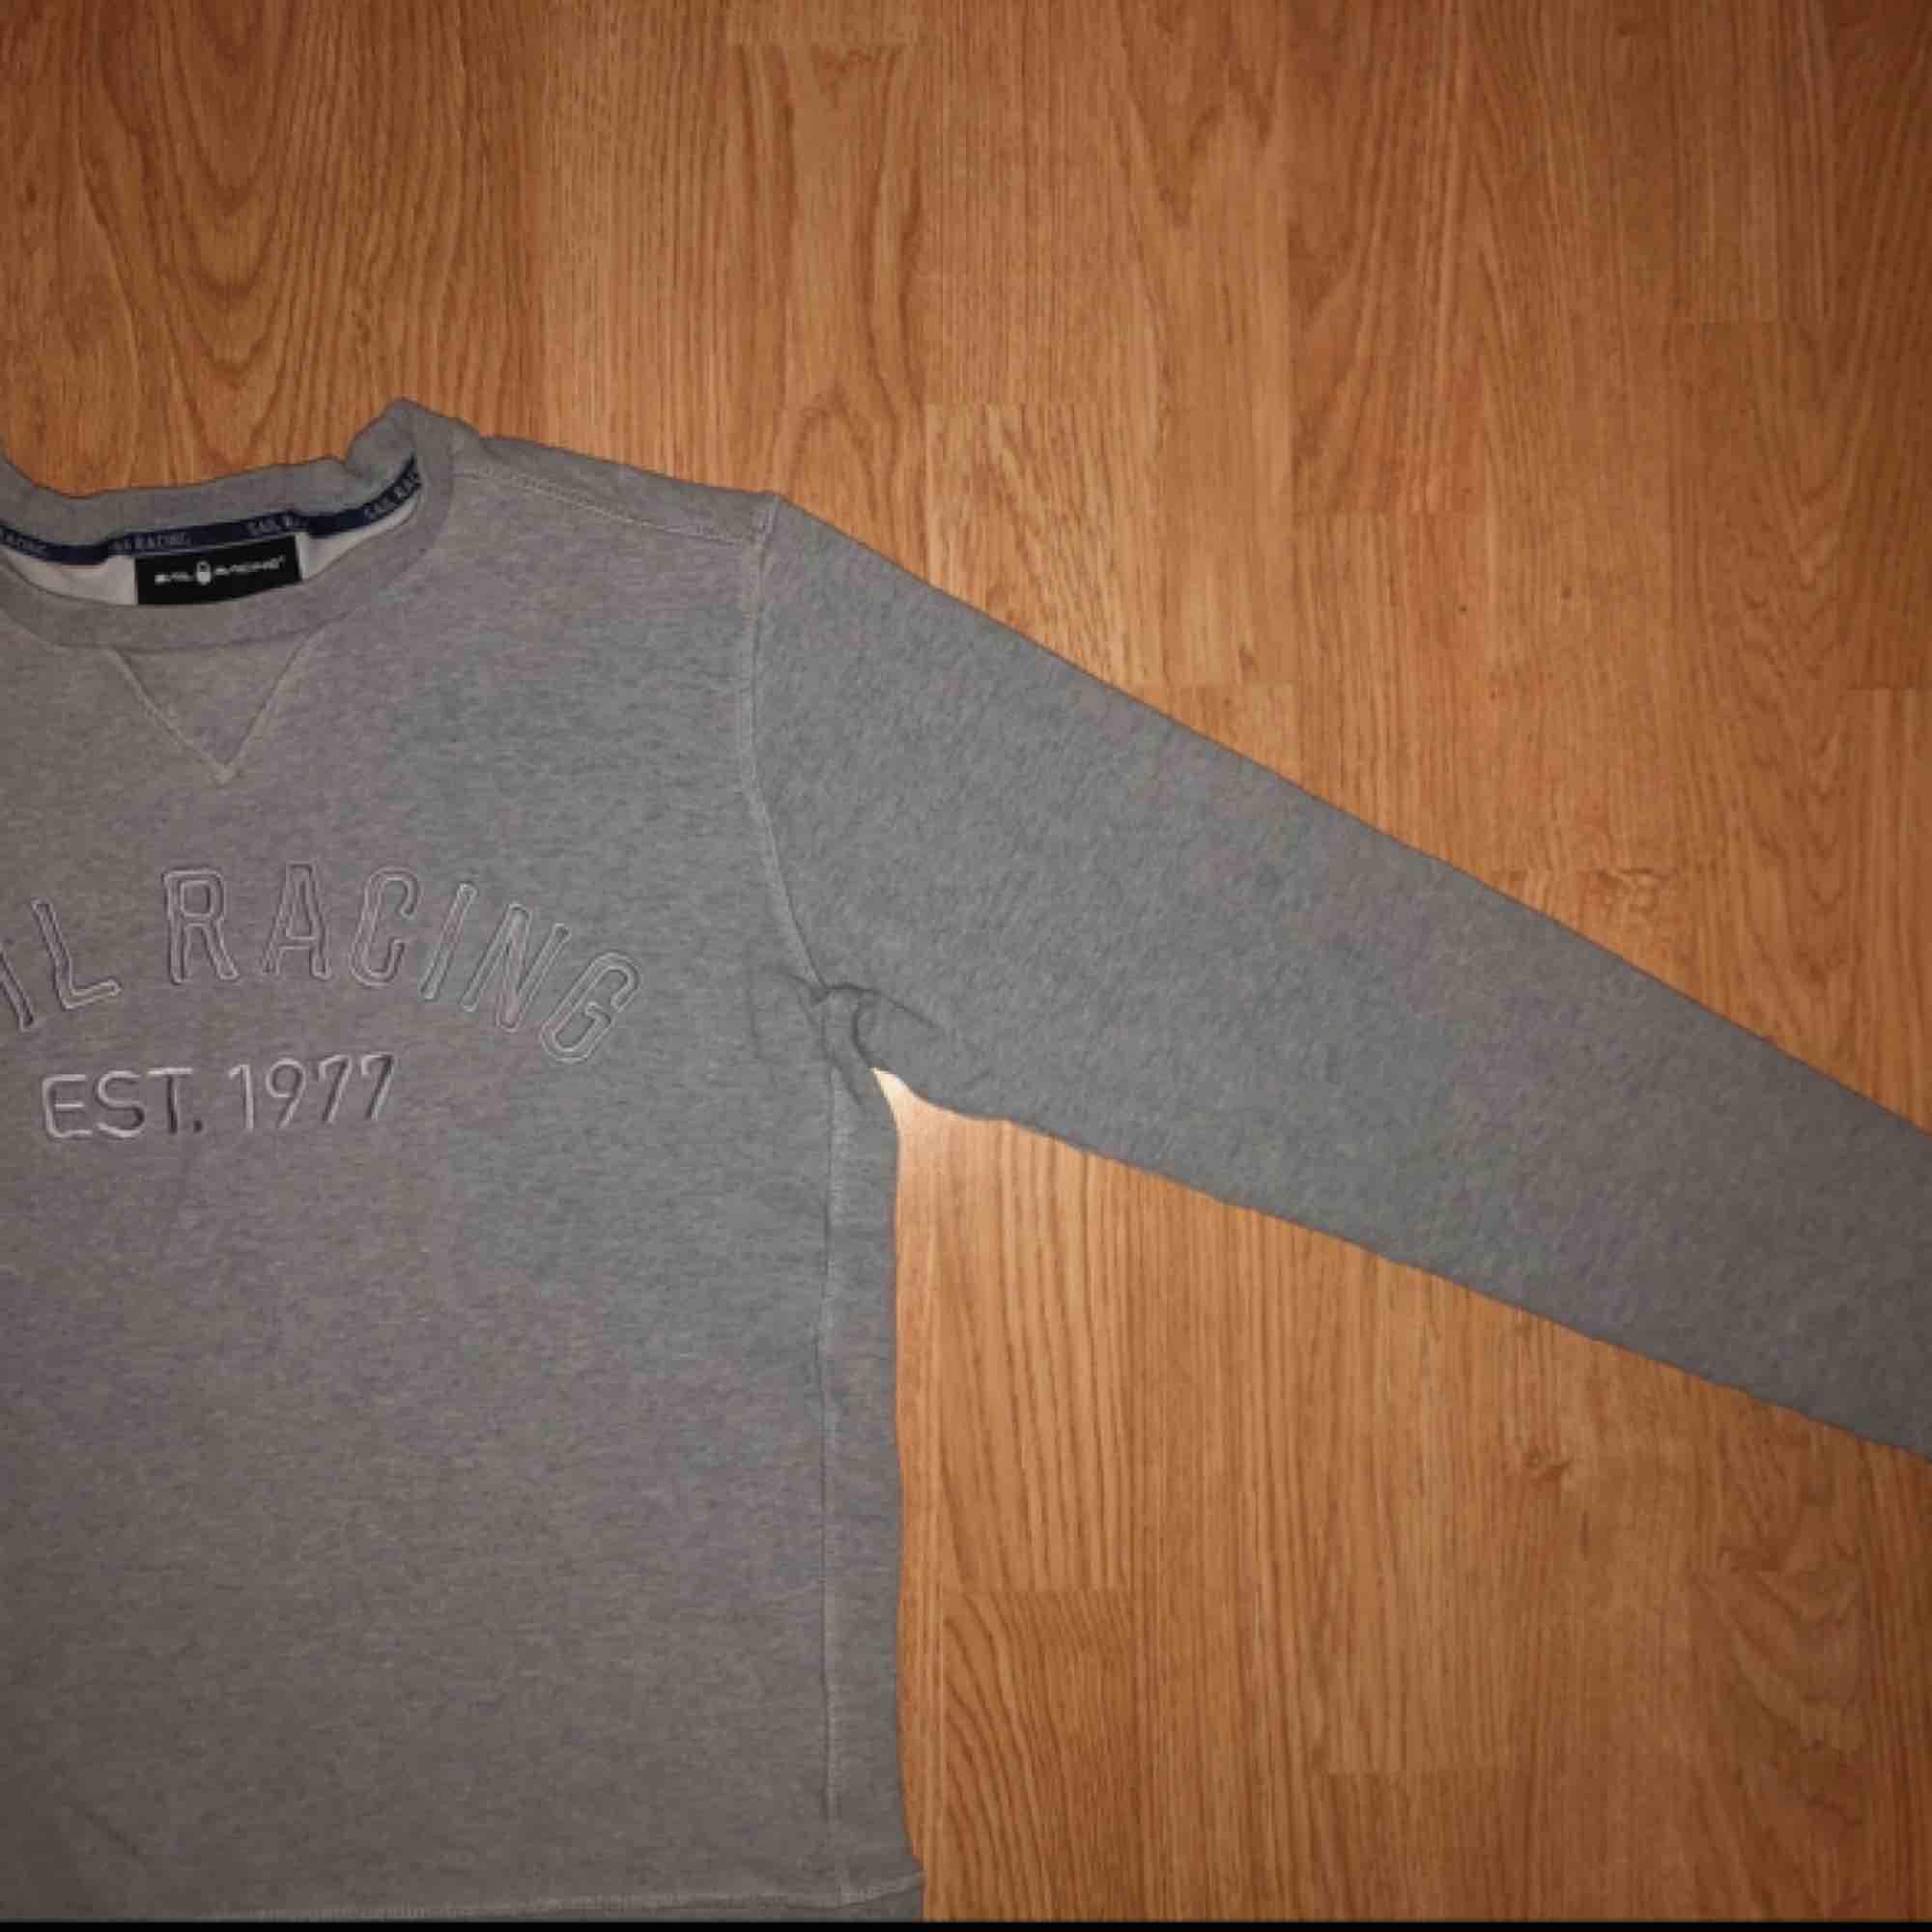 Sail Racing est. 1977 college tröja.  Grå i färg. Stämmer i storlek. Huvtröjor & Träningströjor.